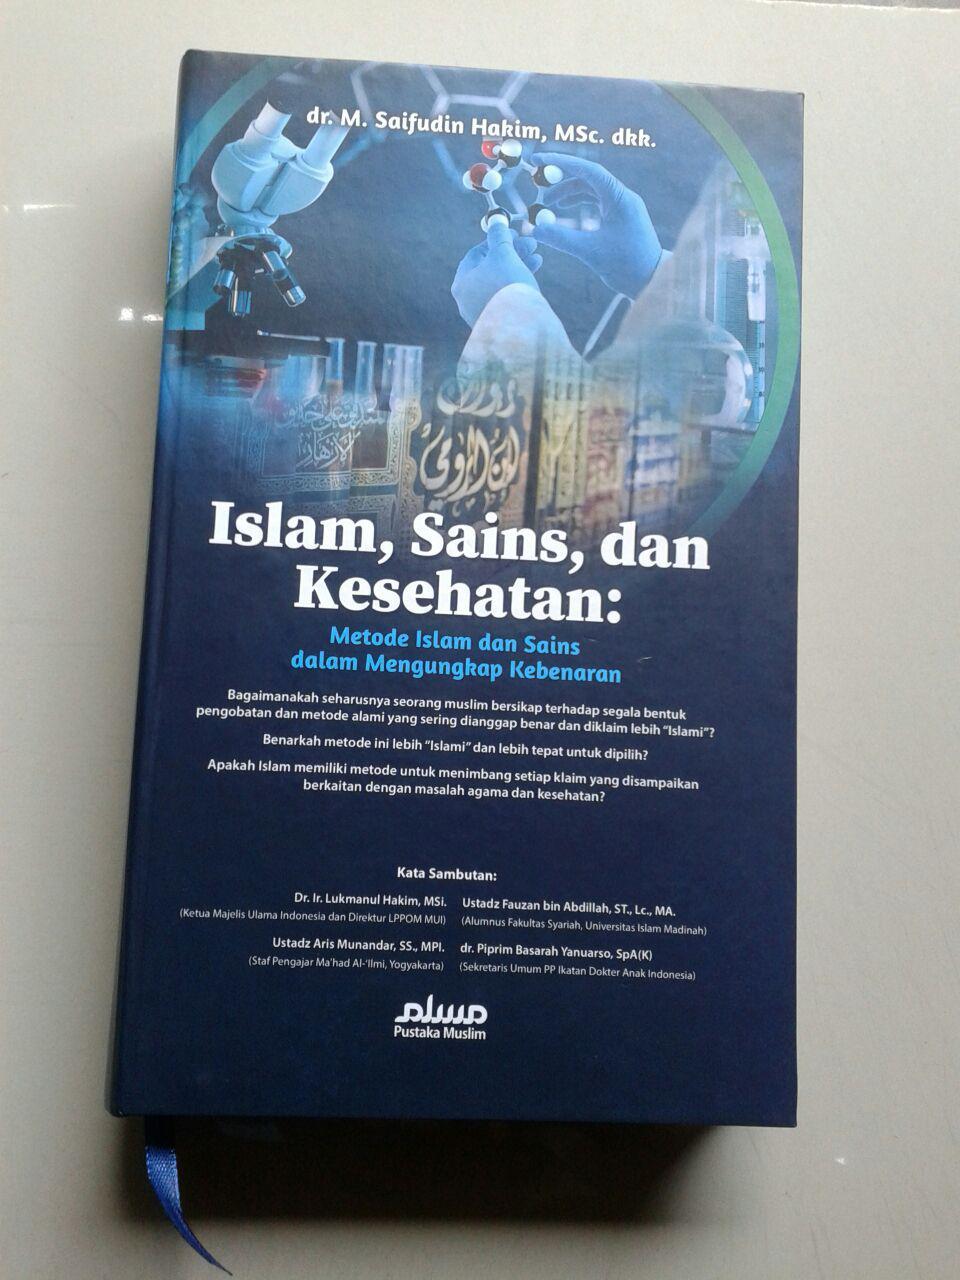 Buku Metode Islam & Sains Dan Kesehatan Dalam Mengungkap Kebenaran cover 2